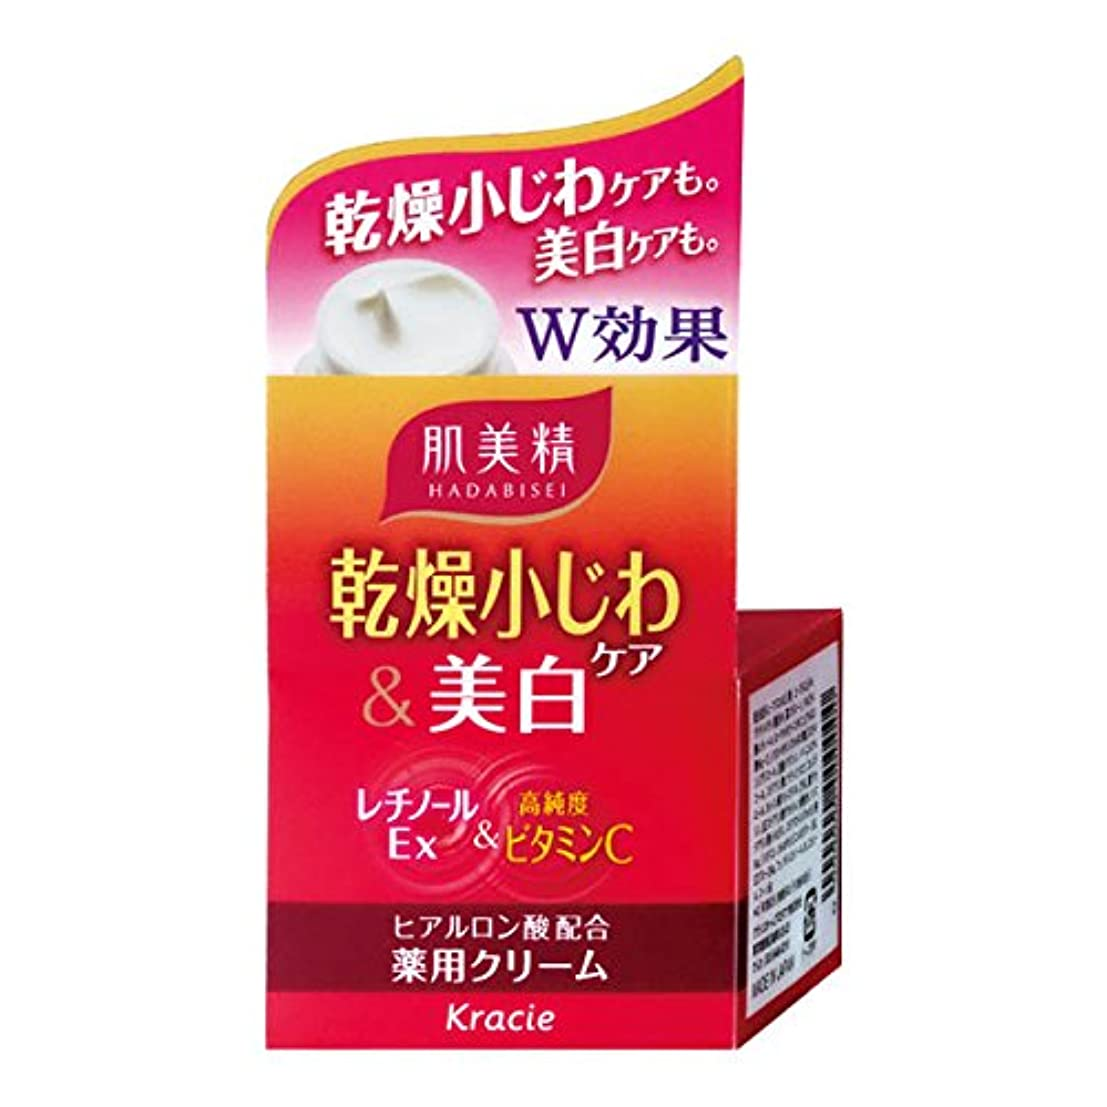 腹十分マリナー肌美精 乾燥小じわケア&美白 薬用クリーム 50g 【医薬部外品】